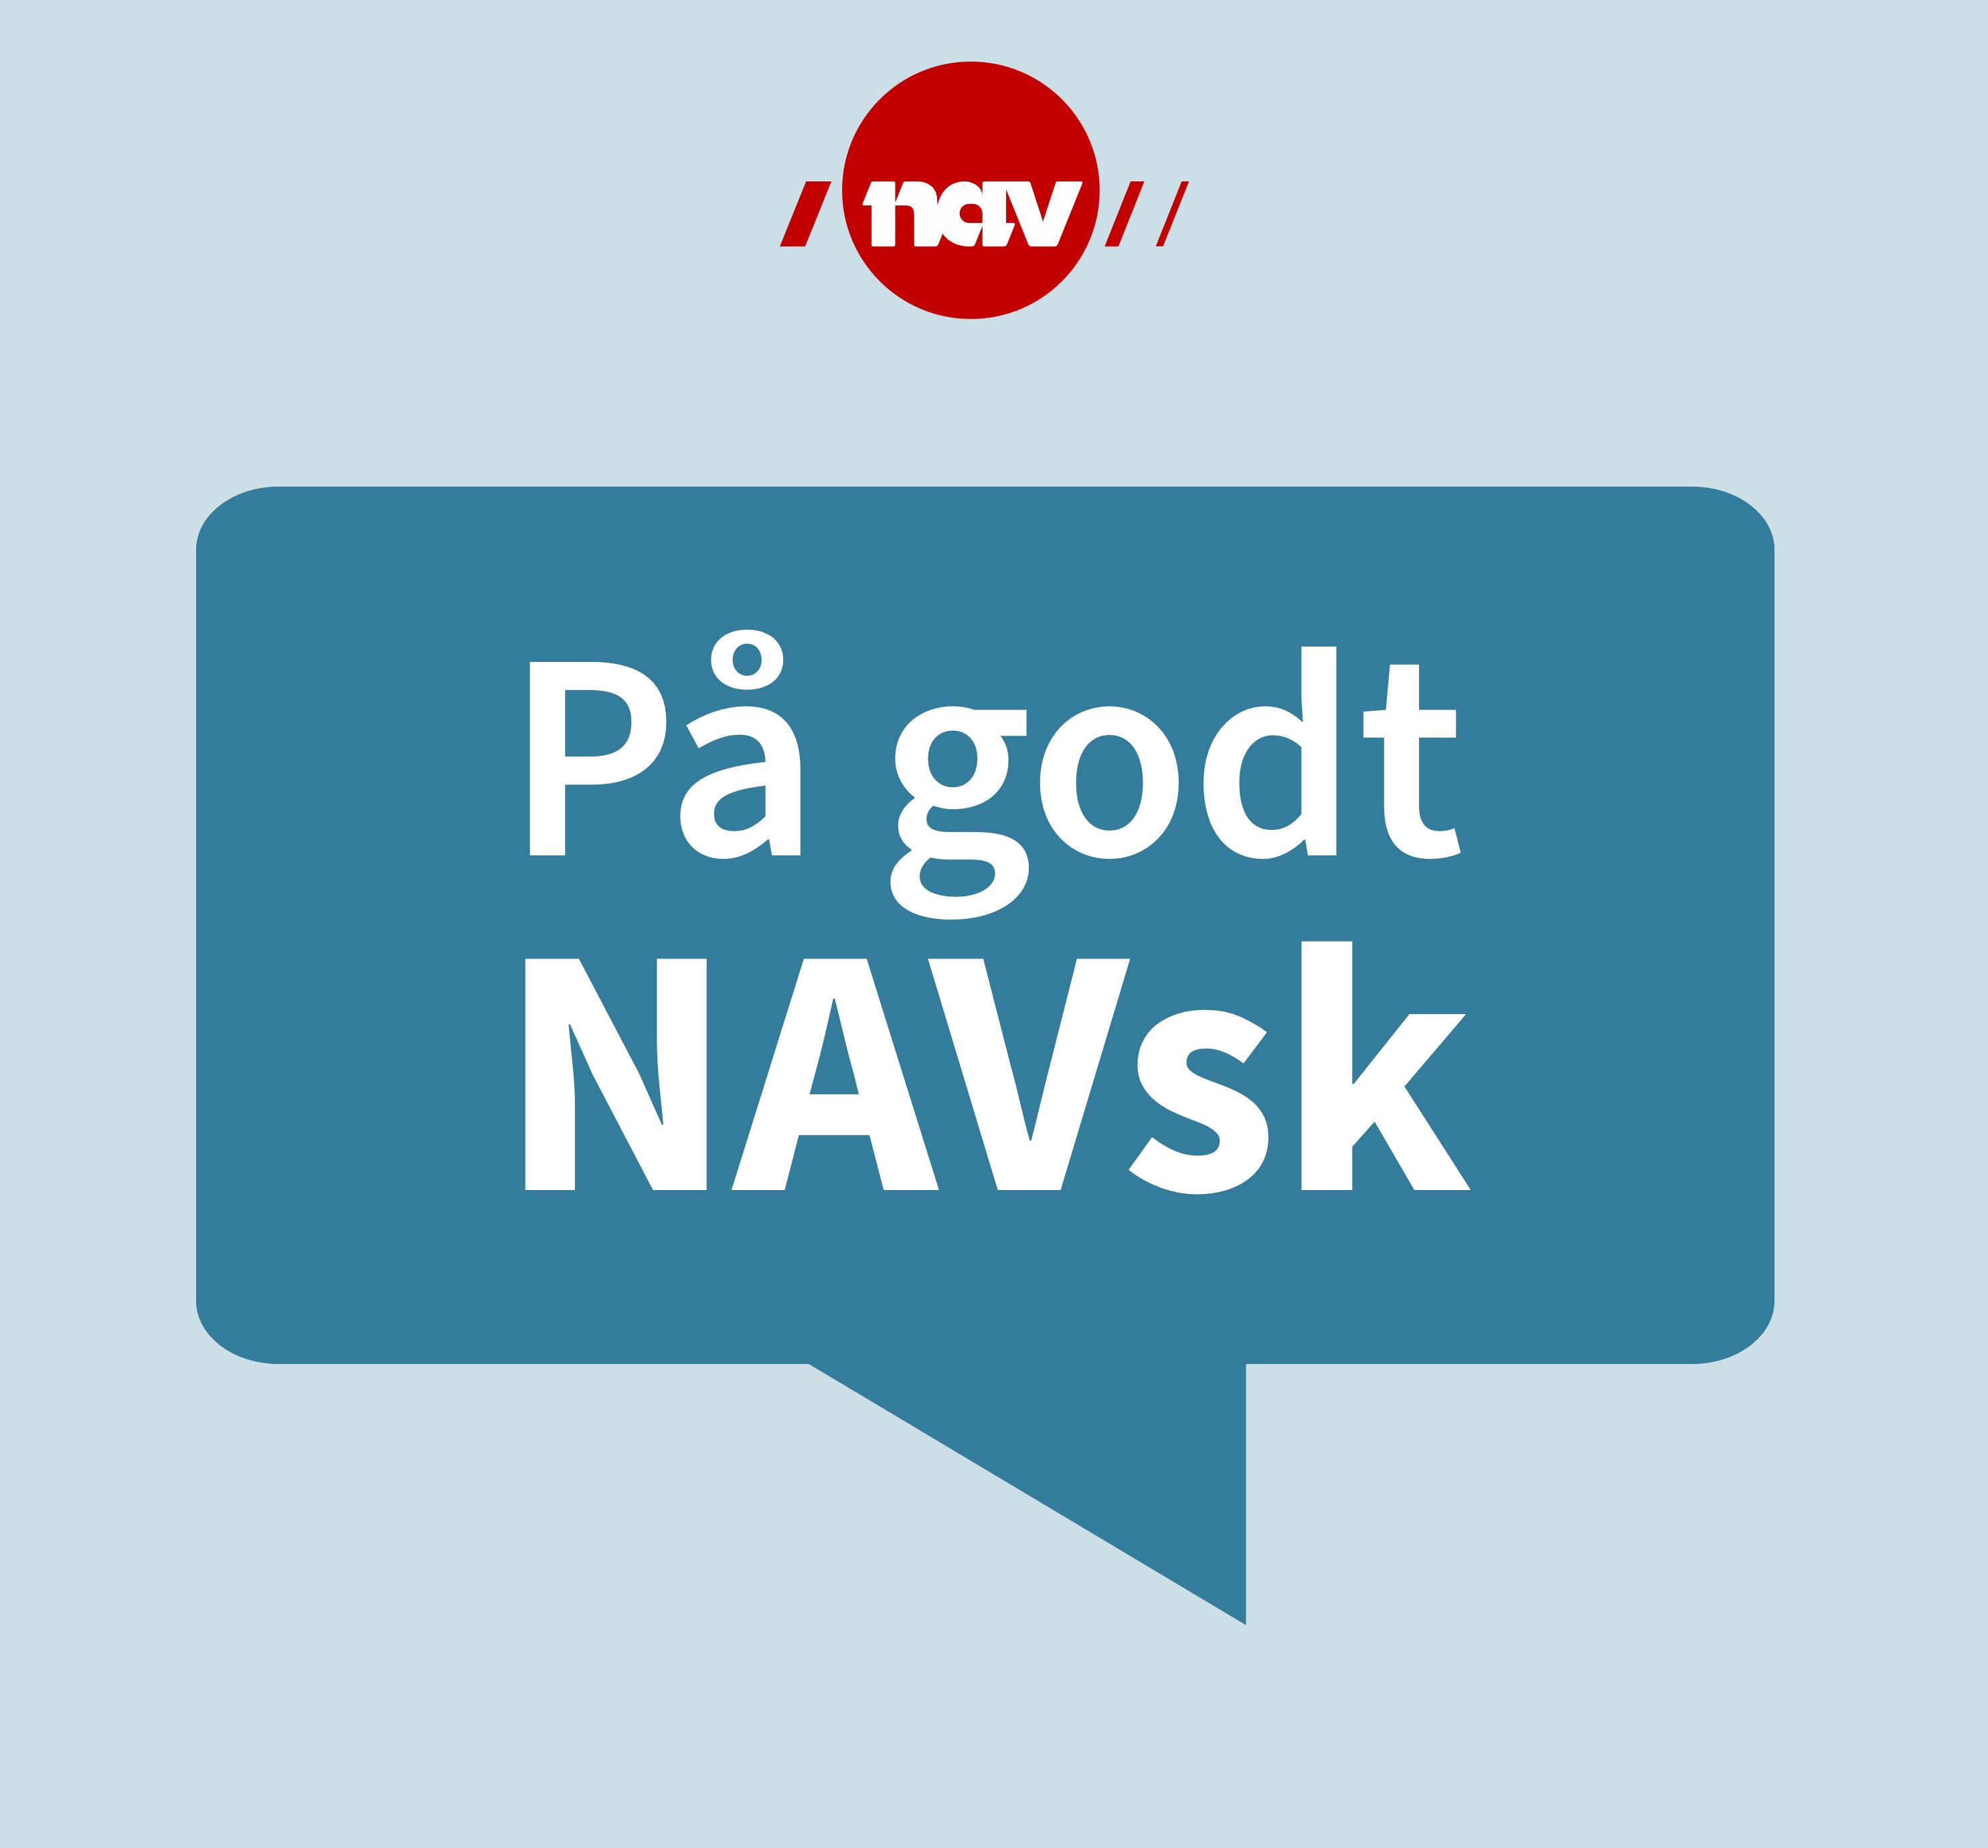 """NAV-ORD I SØPLA: I podkasten """"På godt NAVsk"""" inviteres en gjest til å kaste et ord i søpla."""